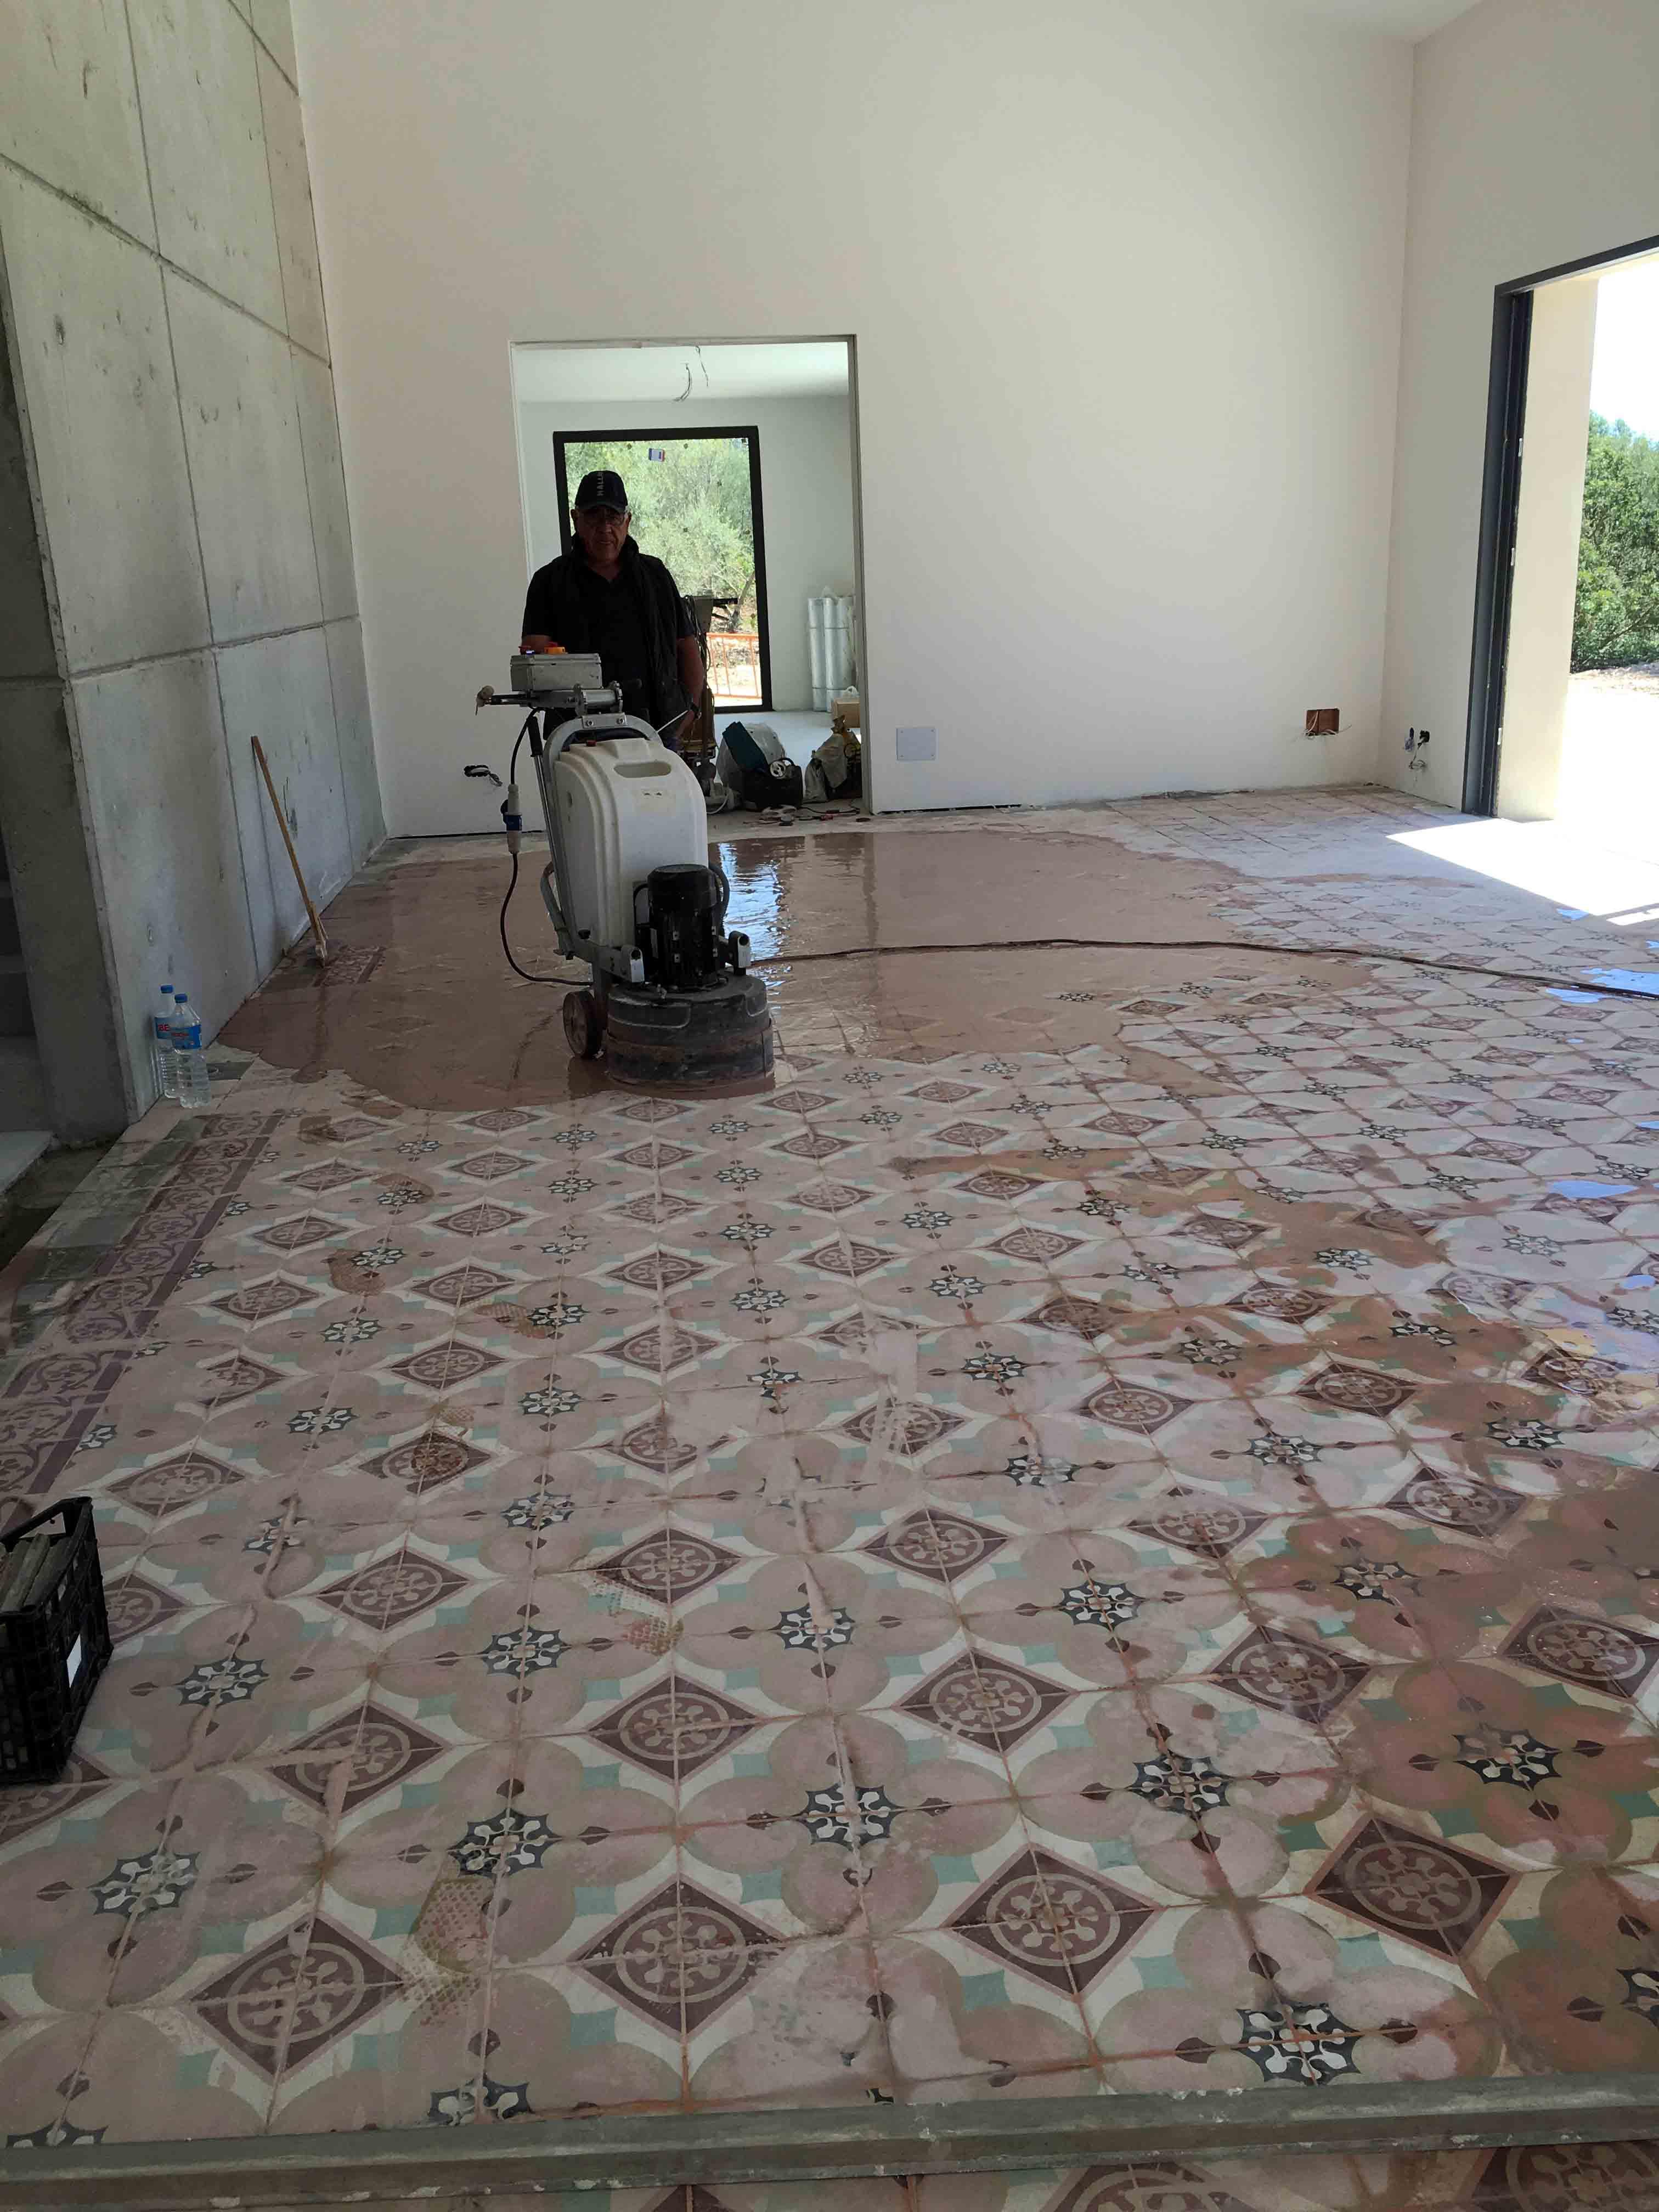 MosaicosBarcelona-Recuperacción-abrillantado-y-acristalado-de-suelos-de-mosaico-hidraulico-en-vivienda-en-Mallorca-2